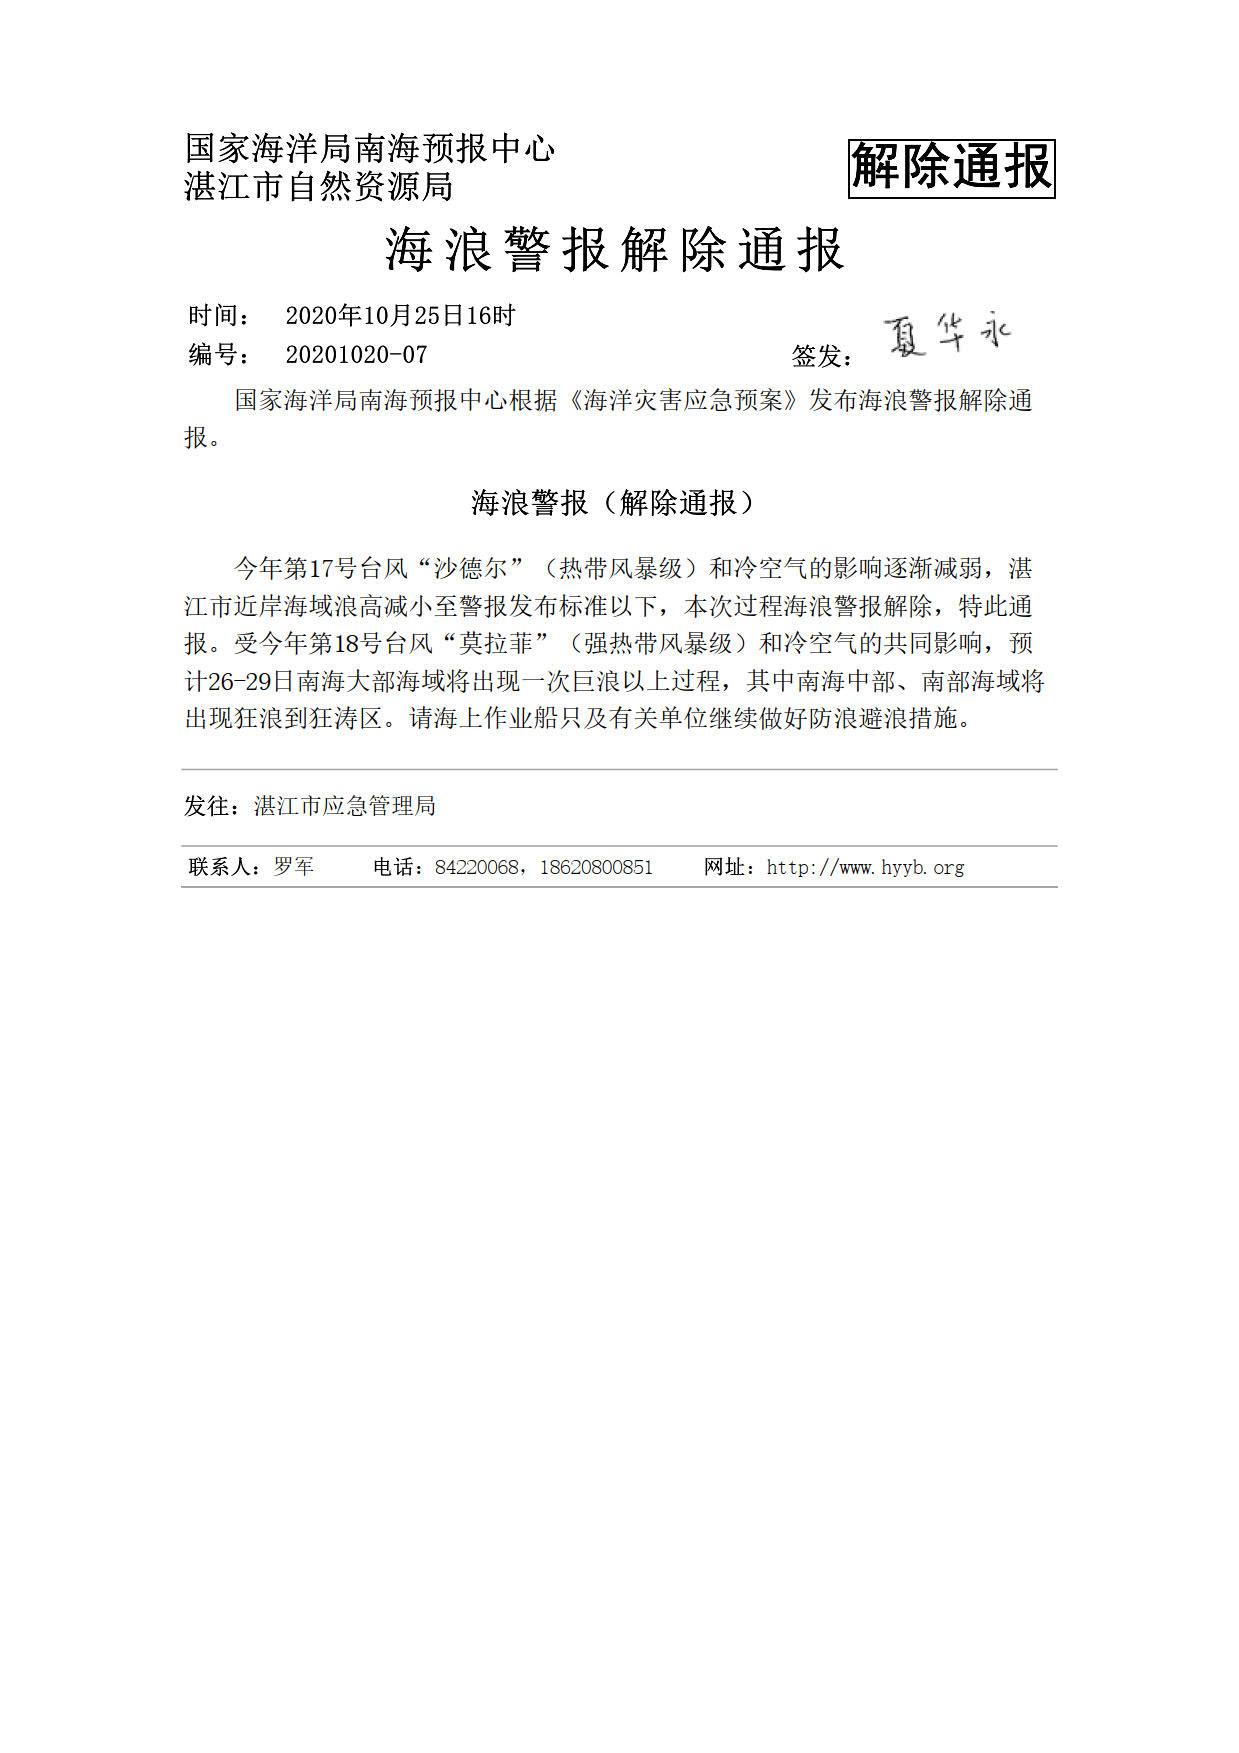 海浪警报-湛江2020102516_1.jpg